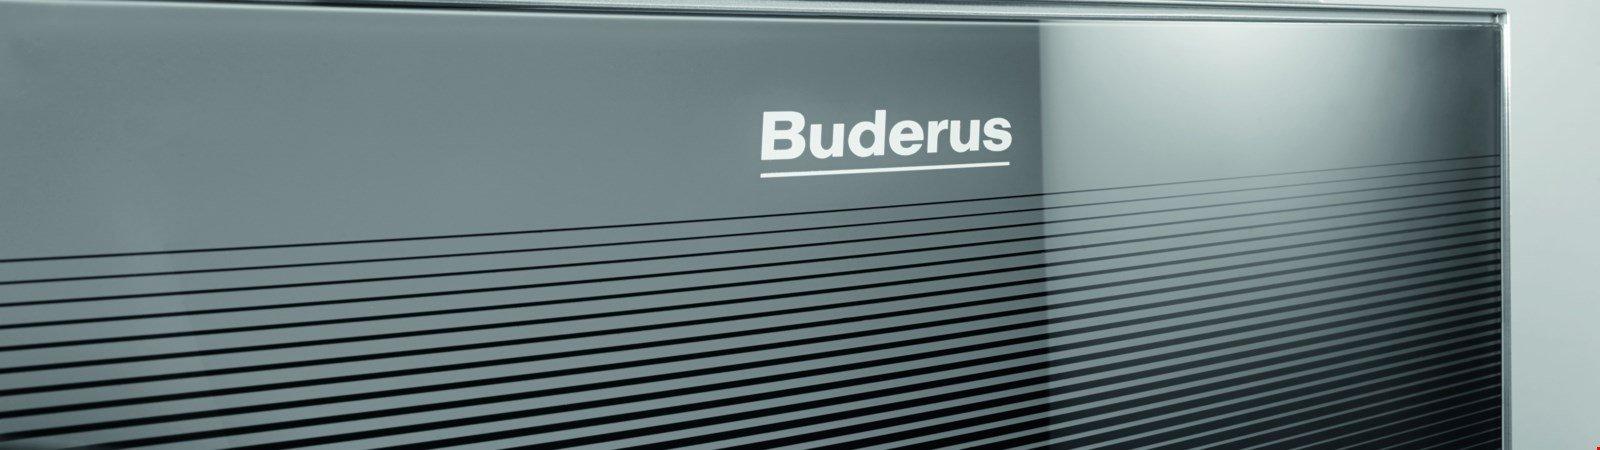 Buderus Ölheizungen: Klassiker mit moderner Brennwerttechnik in Markenqualität